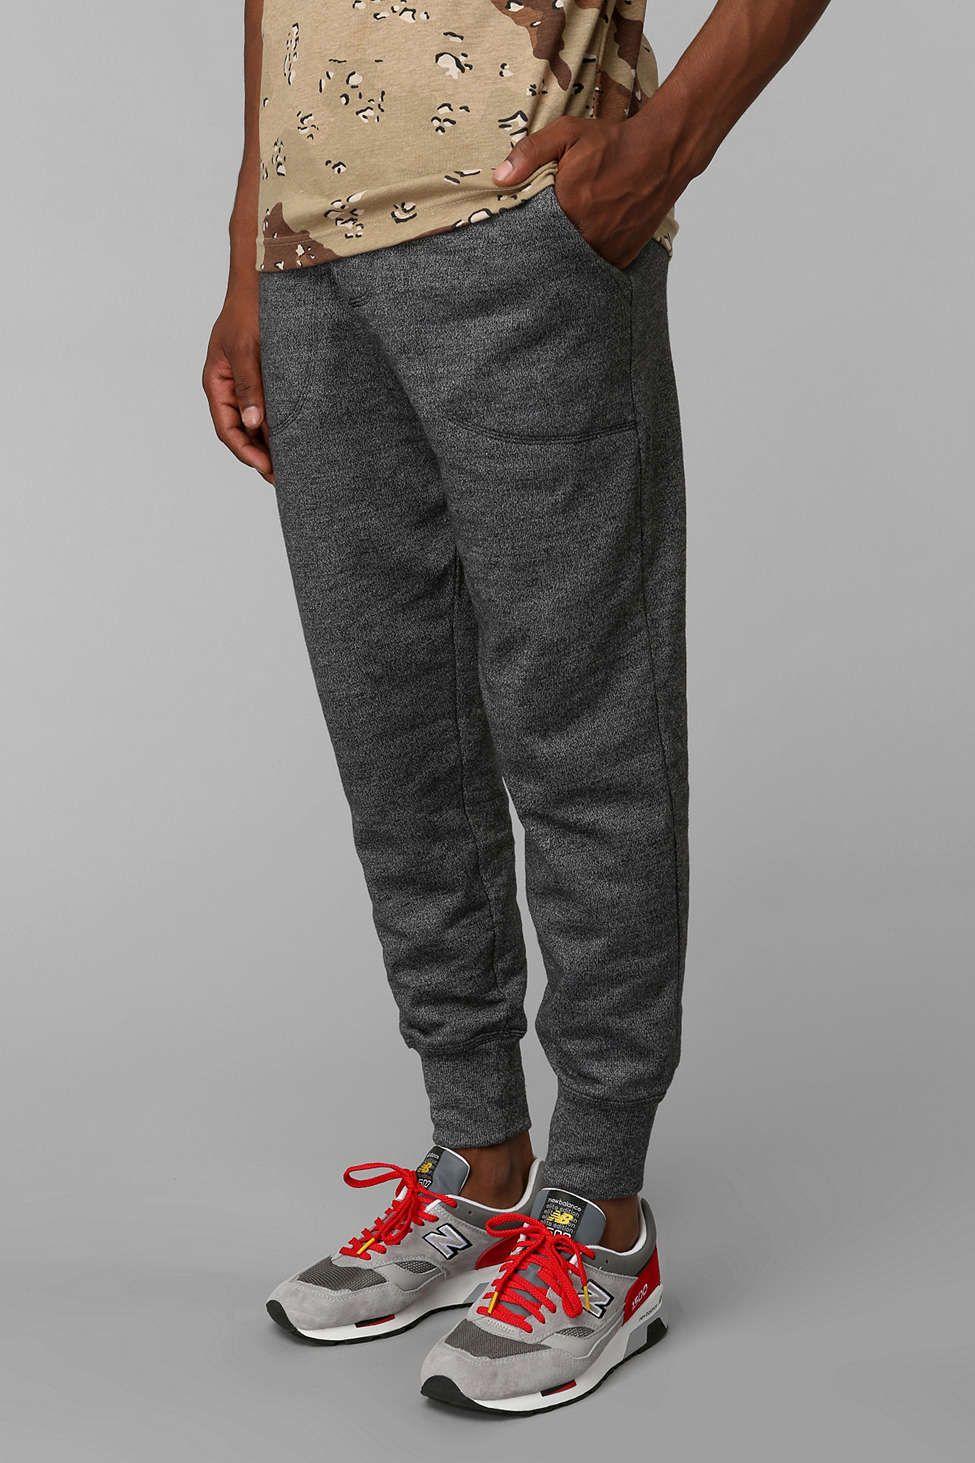 3387e4bd5 BDG Knit Jogger Pant | Men's Pants | Jogger pants, Urban dresses ...